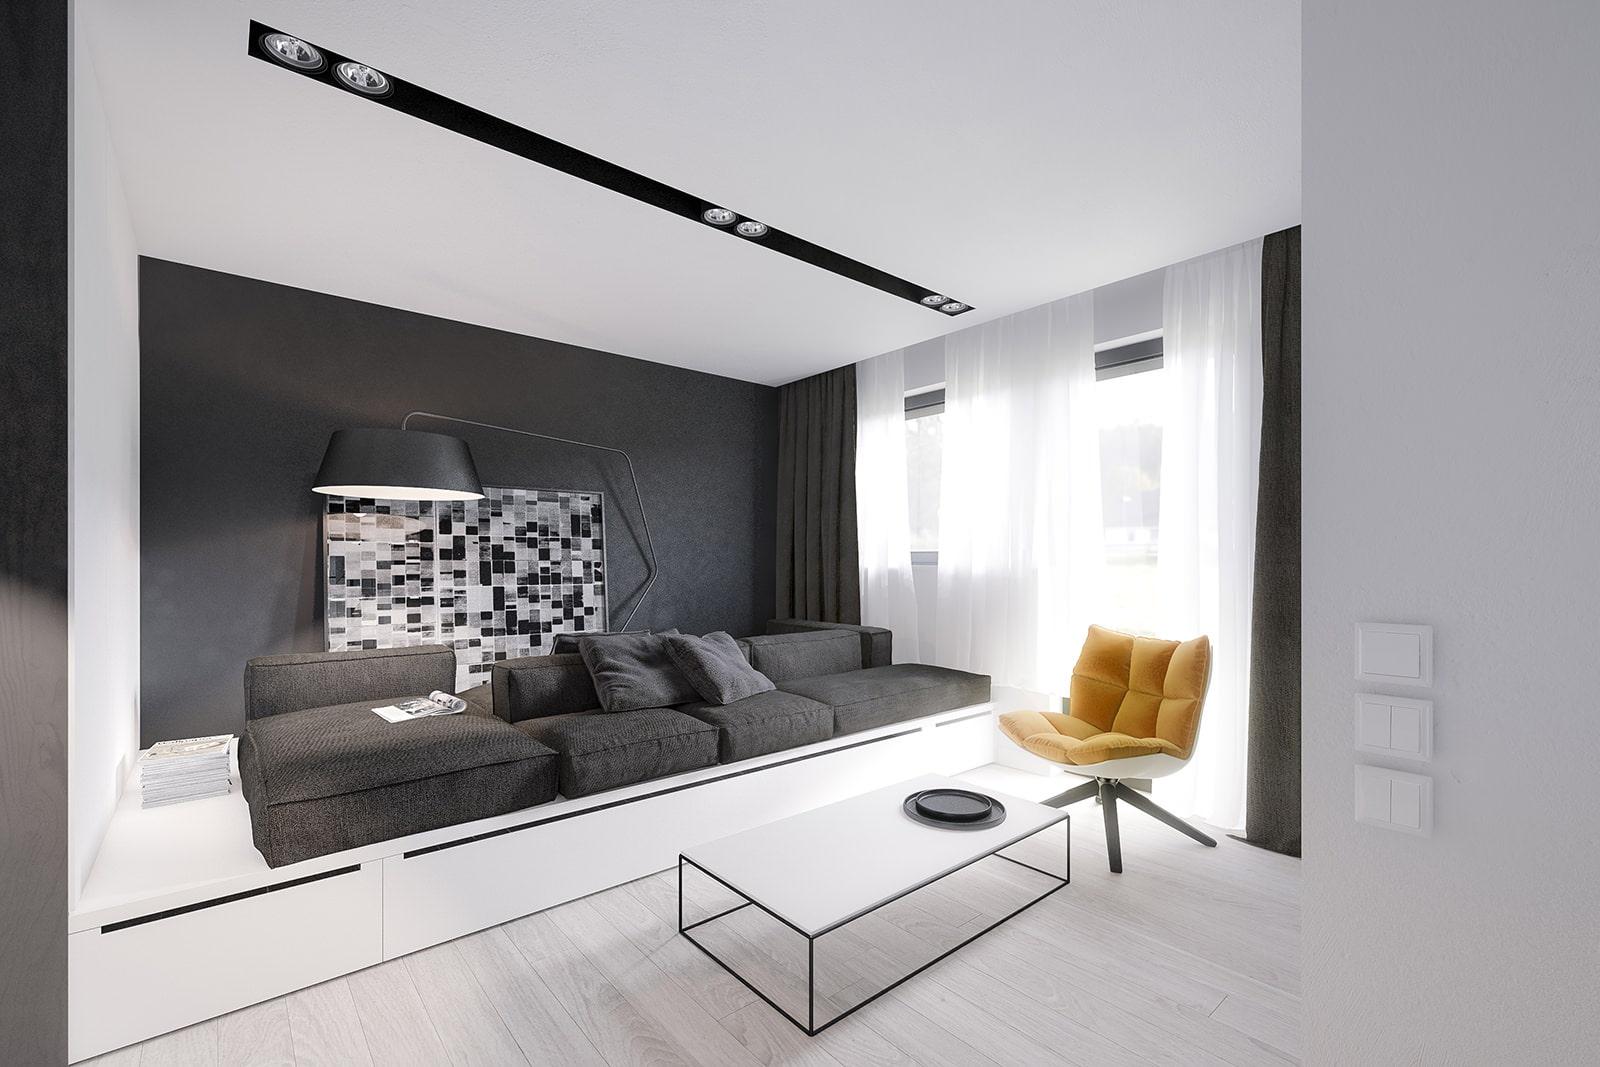 подиум в квартире дизайн идеи